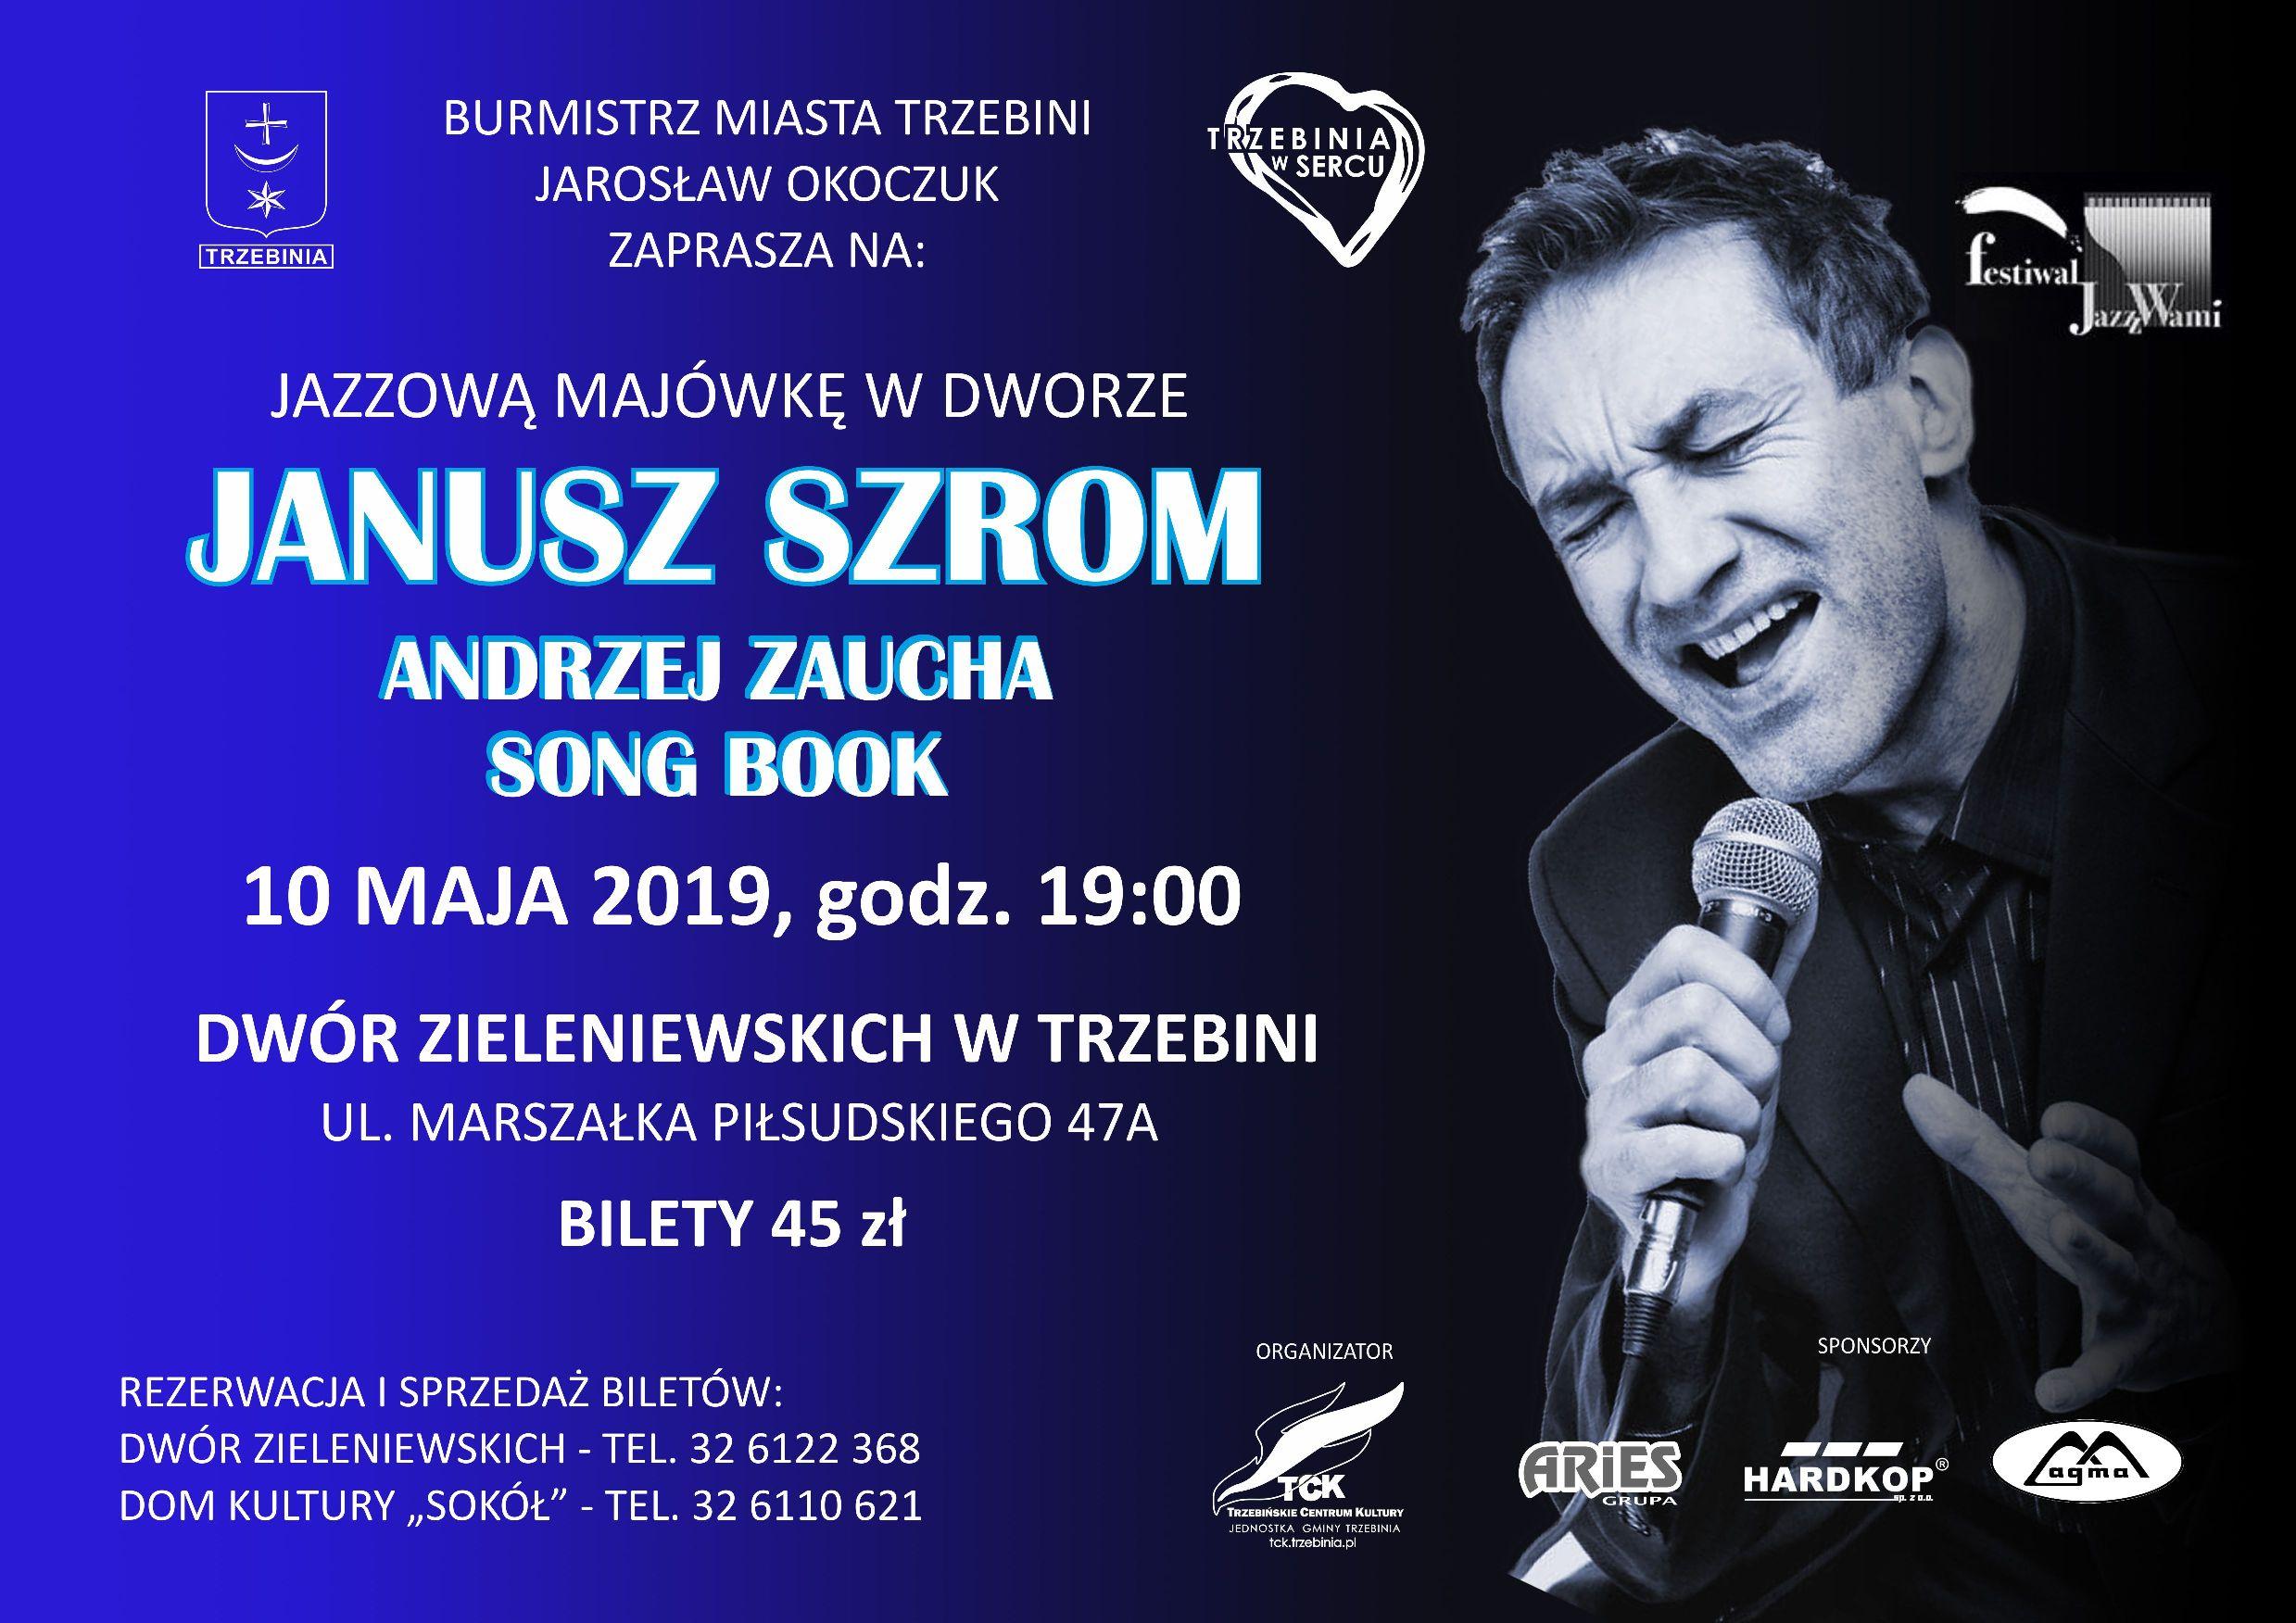 Jazzowa Majówka w Dworze Zieleniewskich - Janusz Szrom śpiewa Zauchę